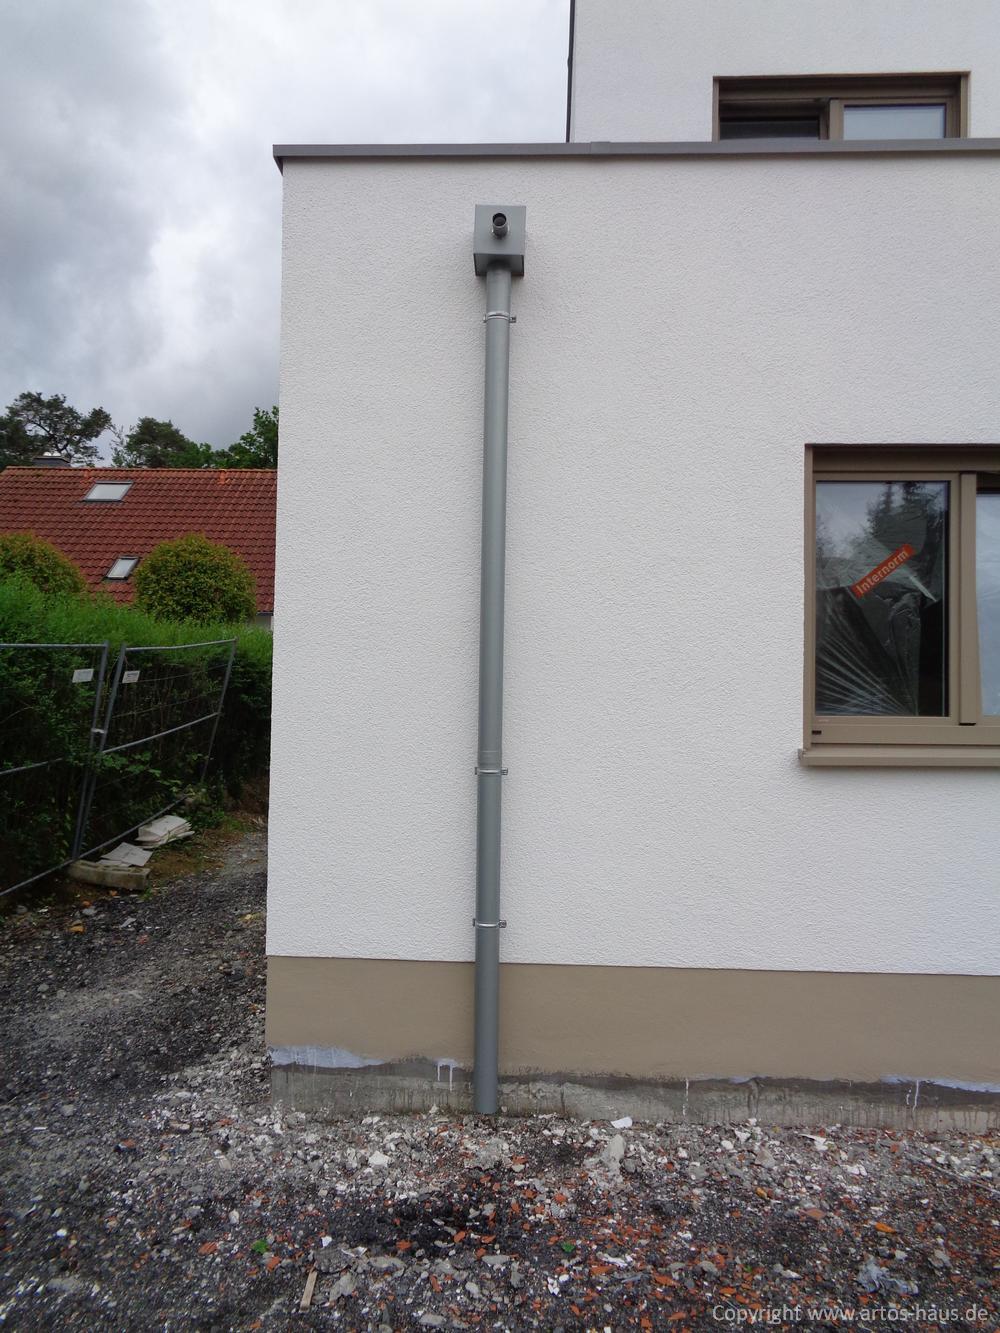 Baustatus Artos Bauvorhaben in Bonn im August 2021, Bild 3